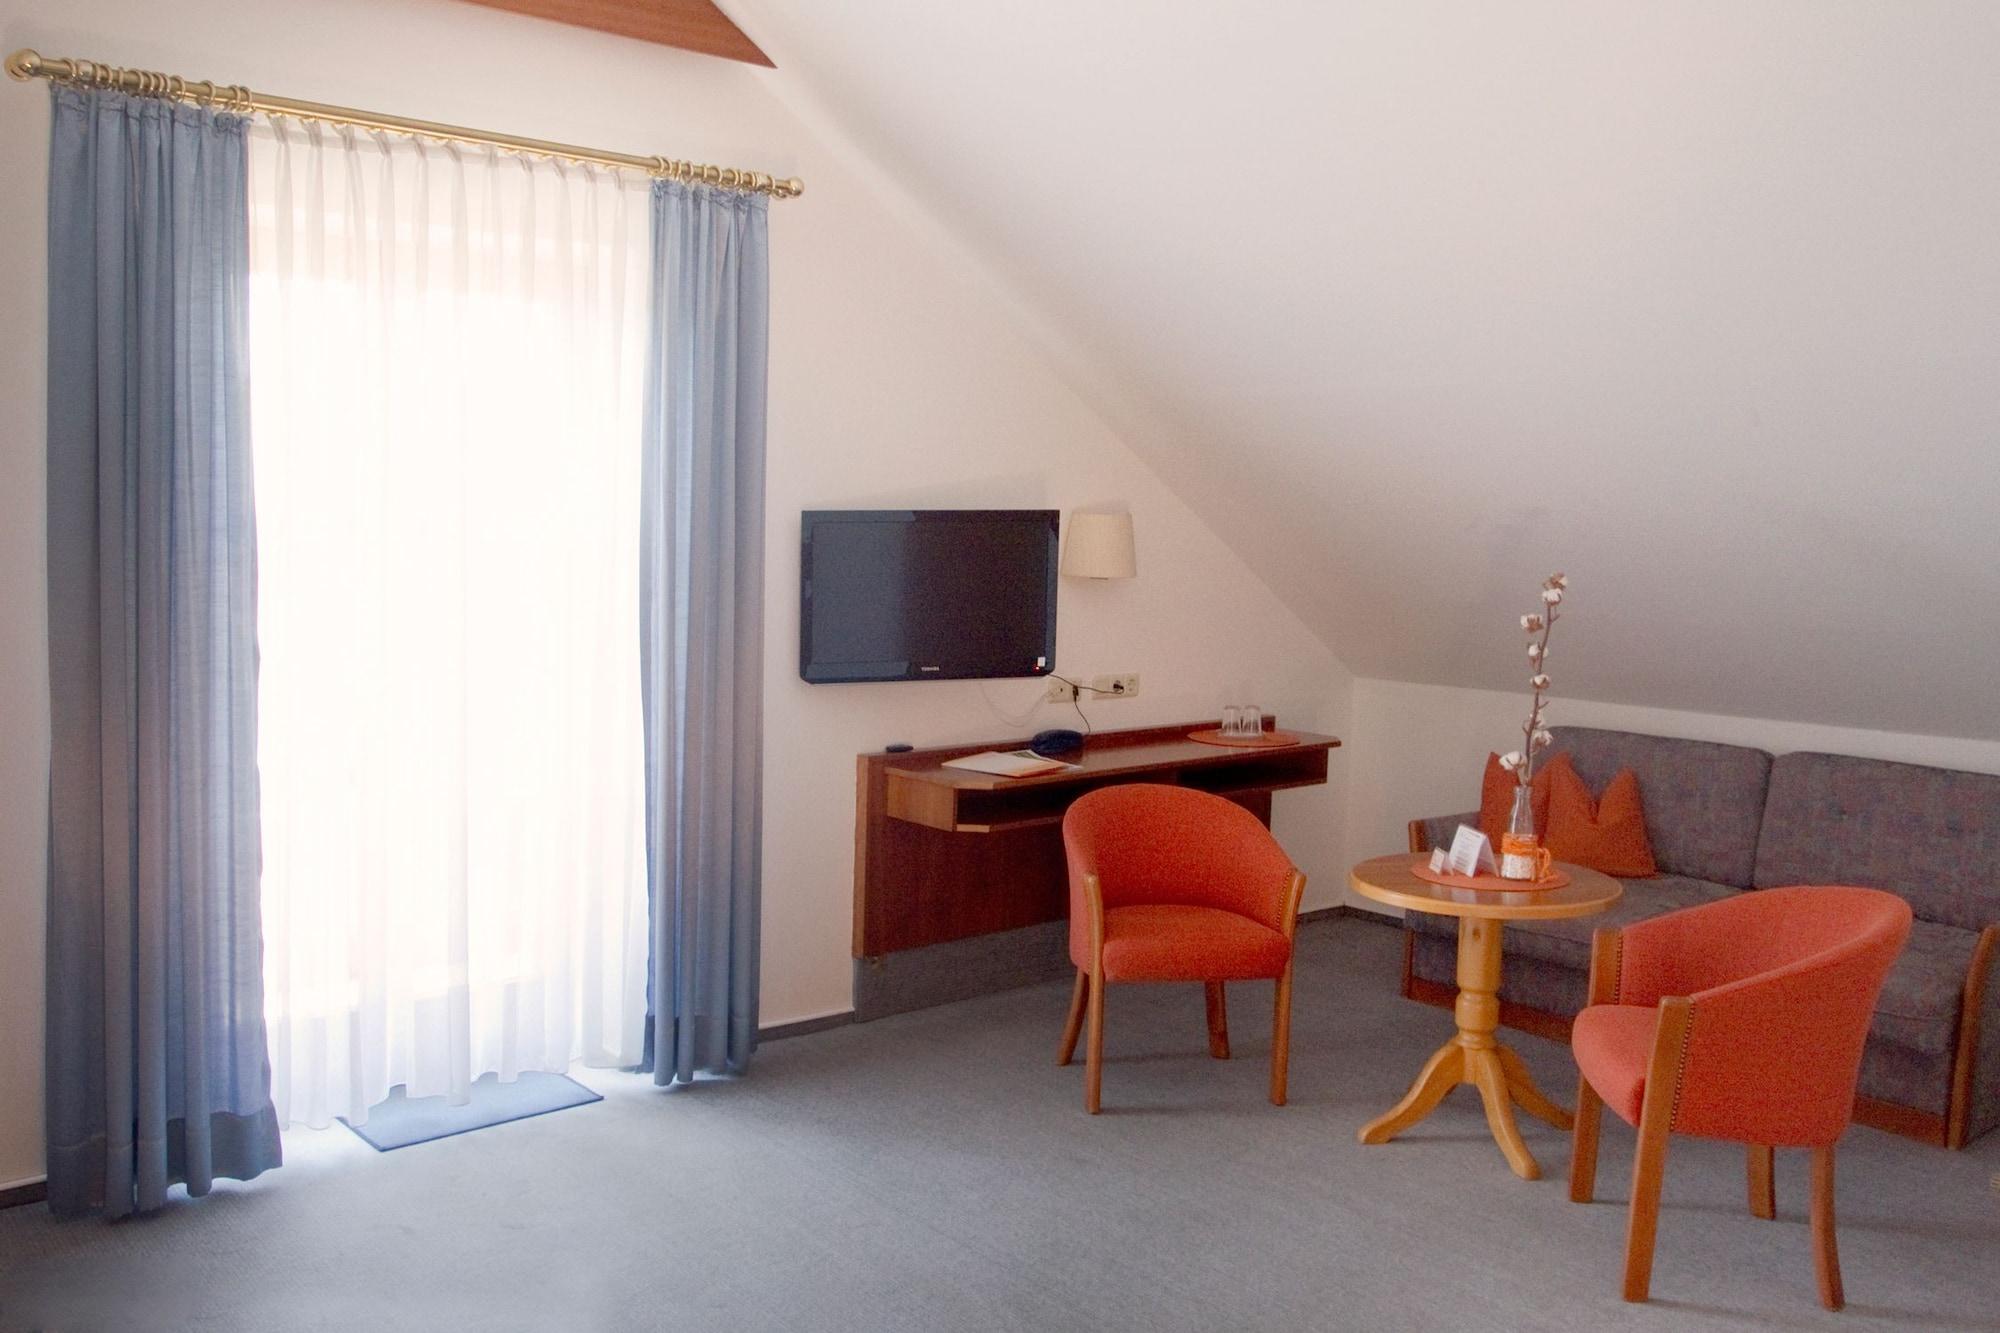 Hotel Sonne, Eichstätt